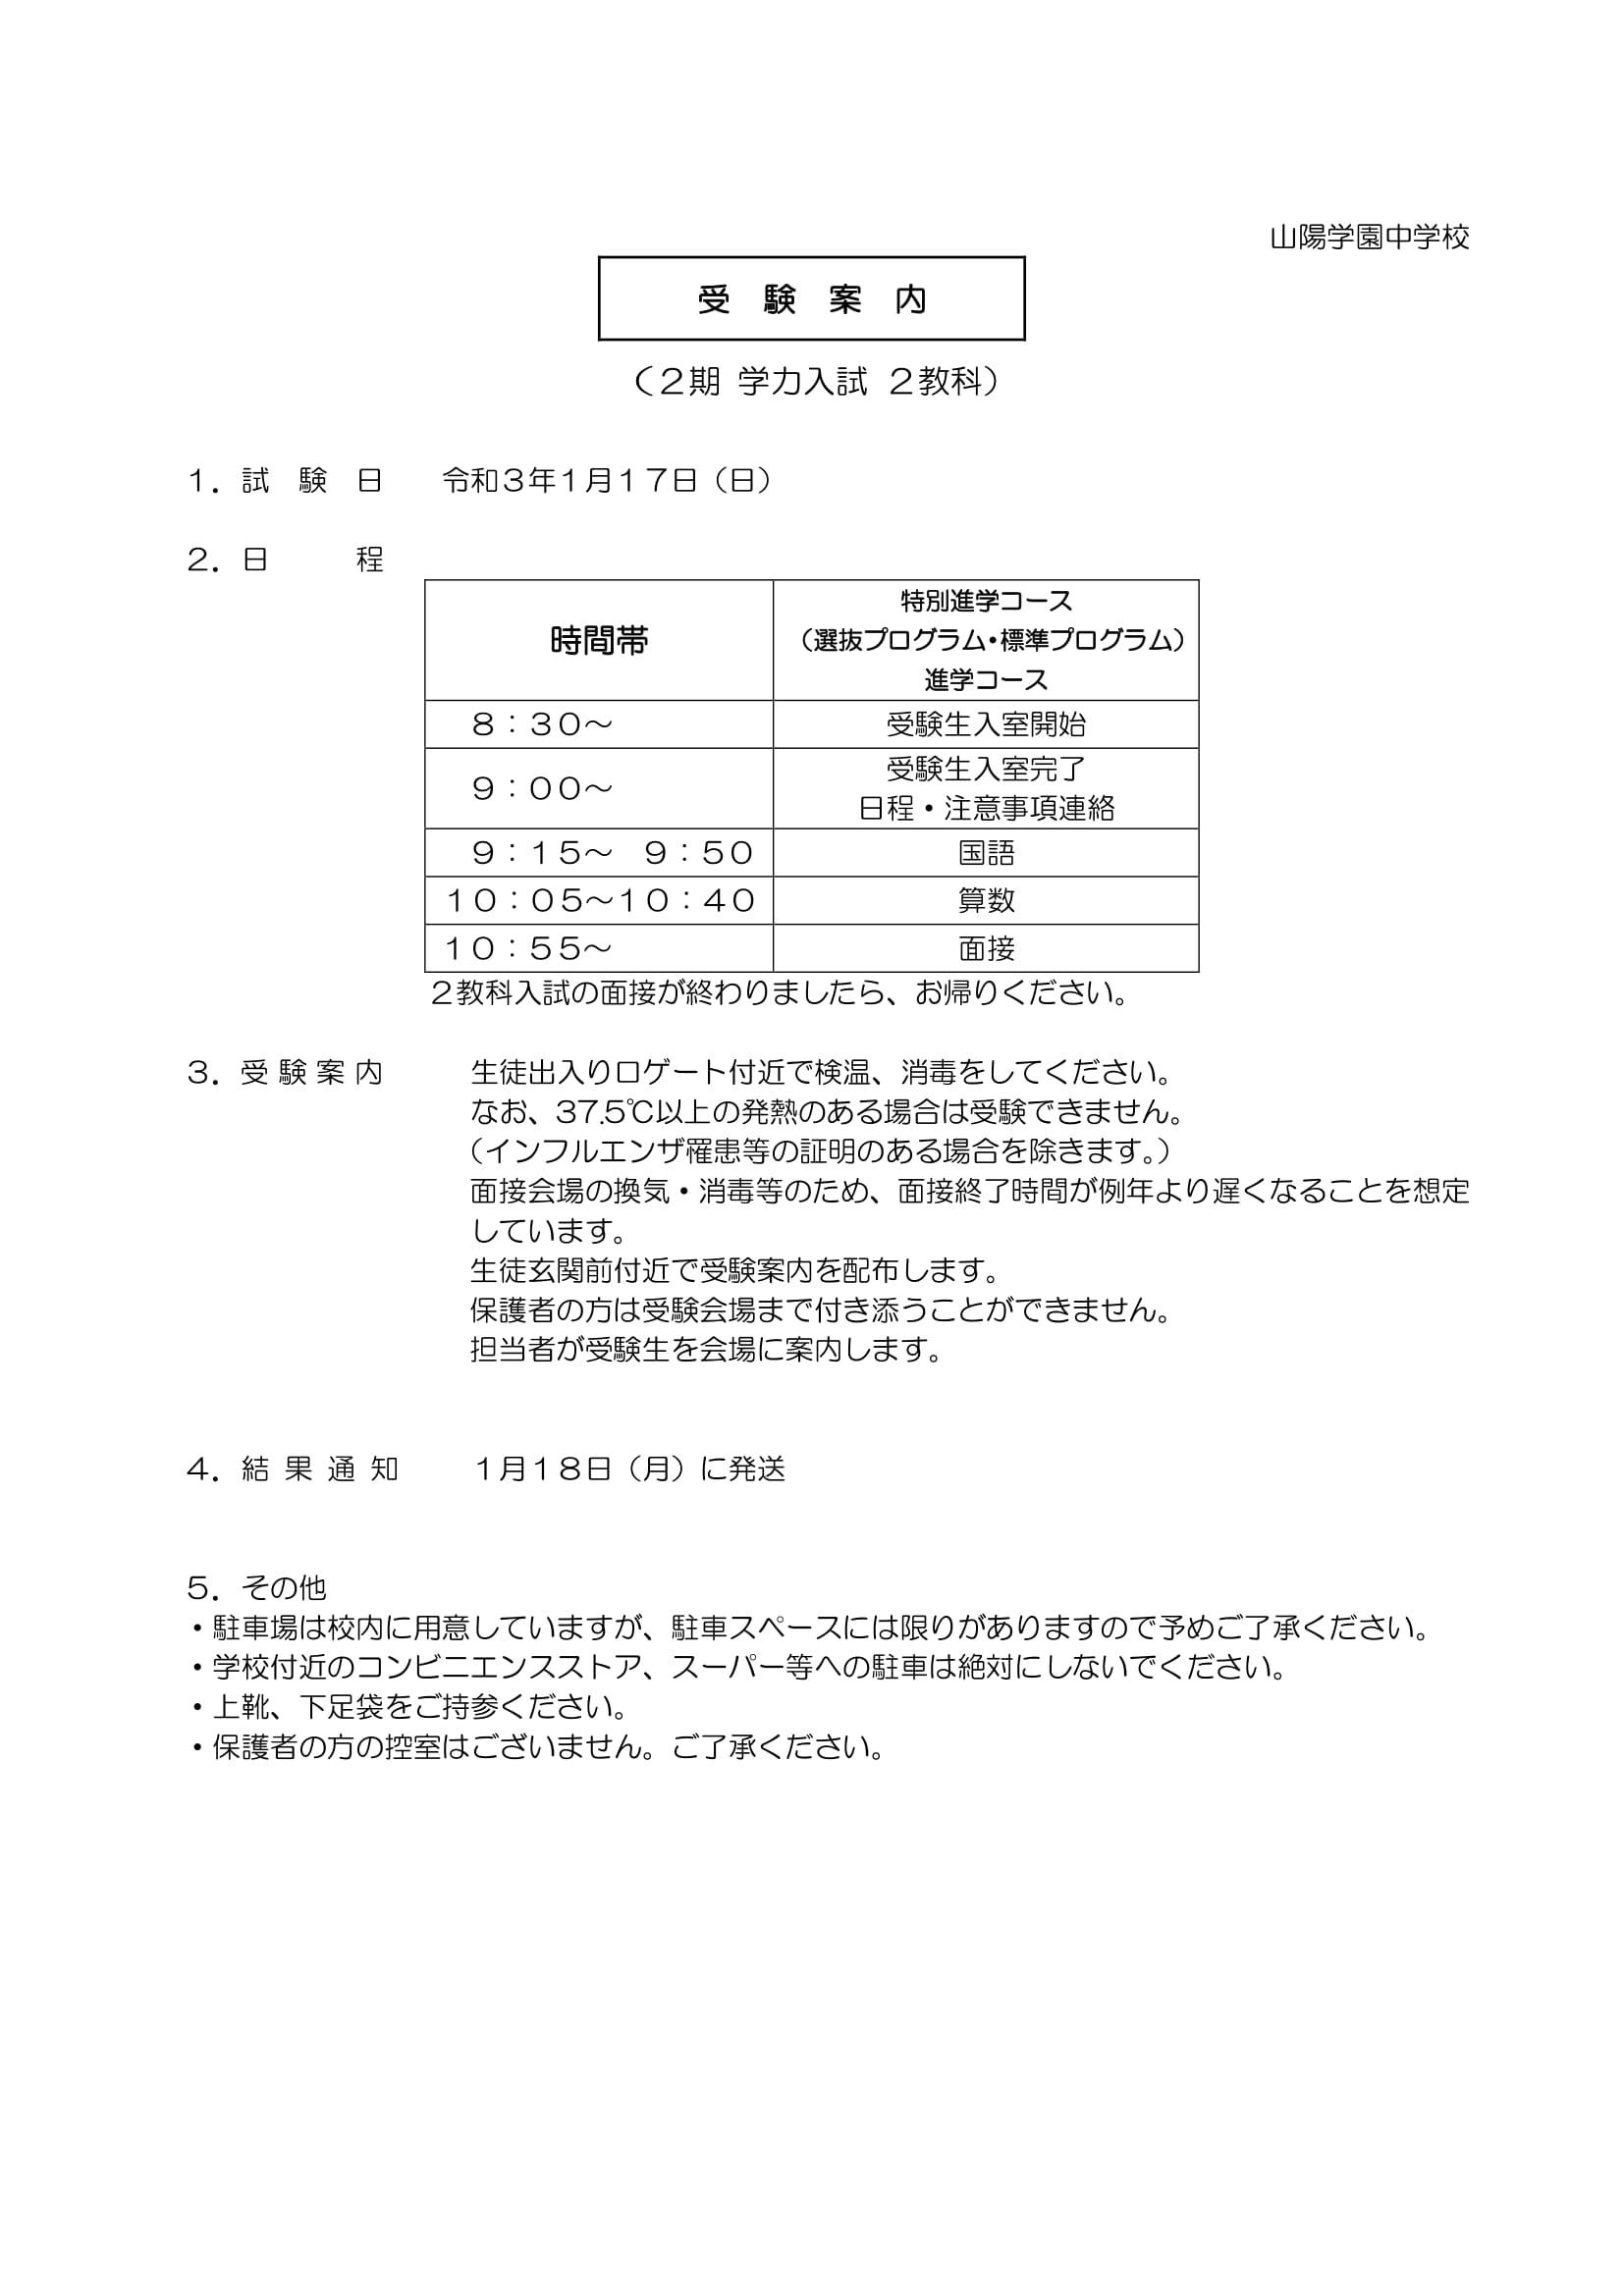 山陽学園中学校2期入試連絡①